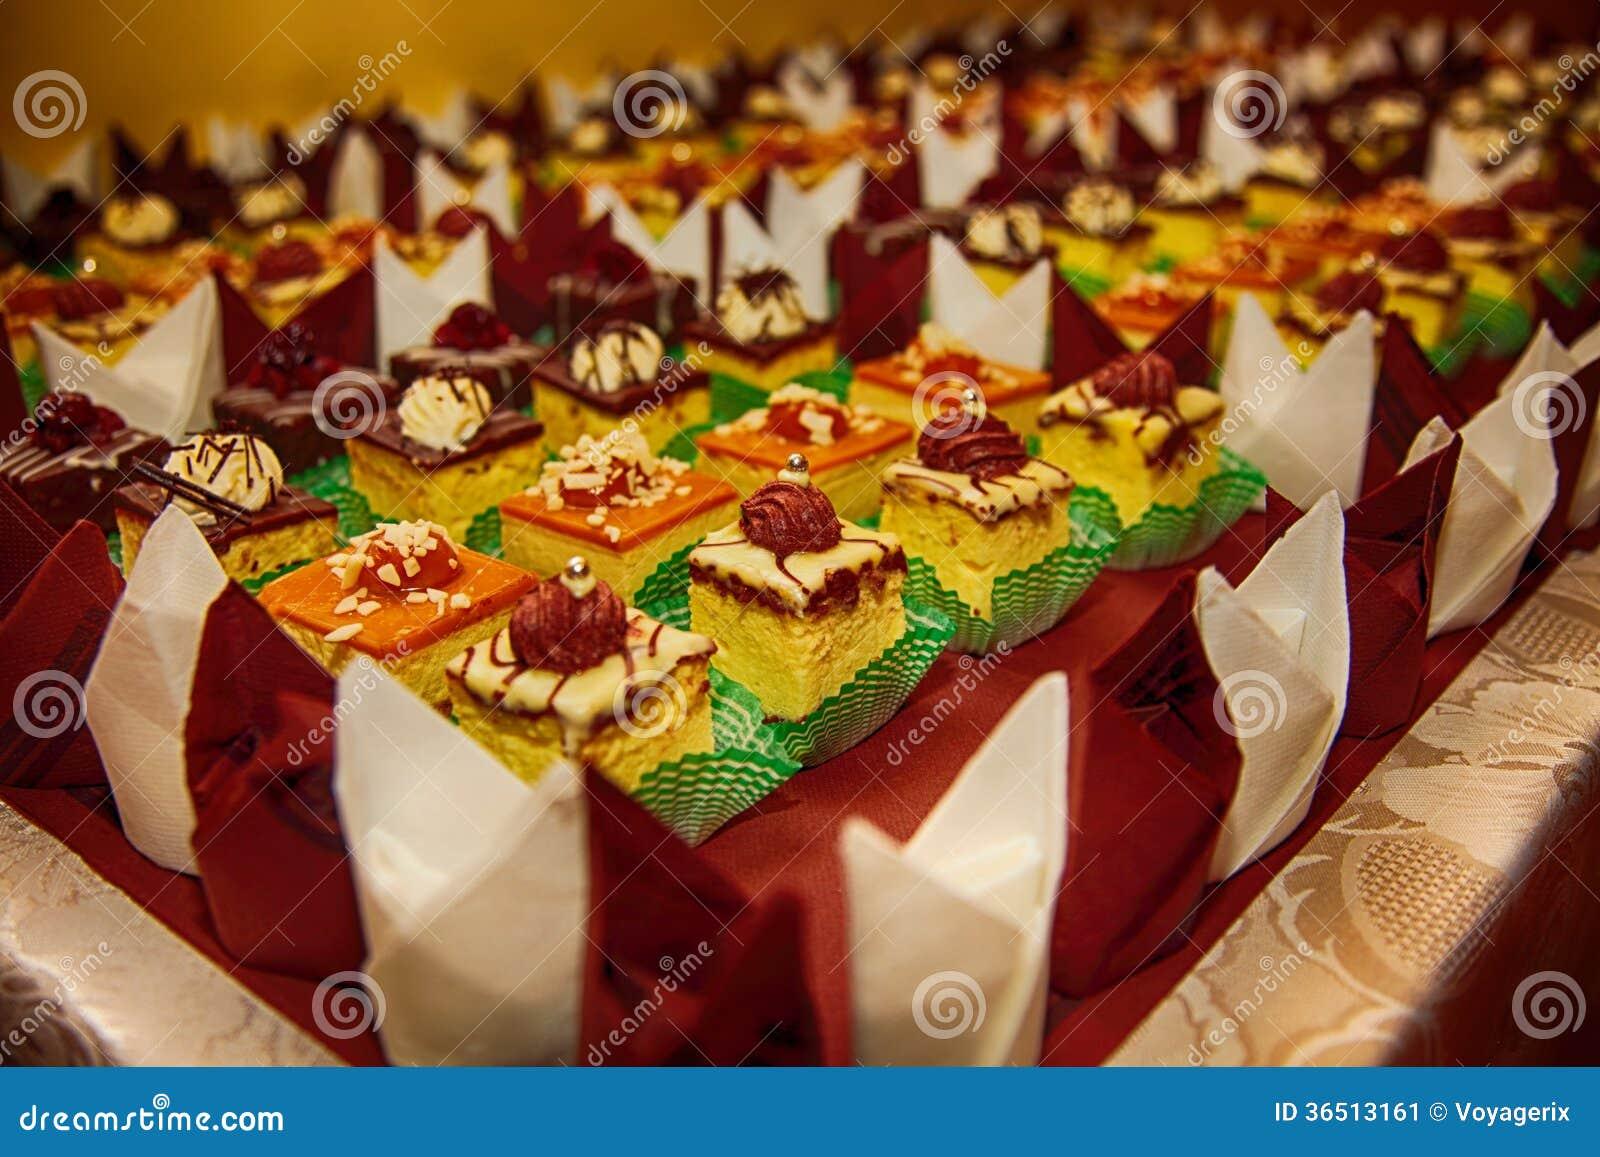 Variétés de bonbons de approvisionnement à desserts de gâteaux